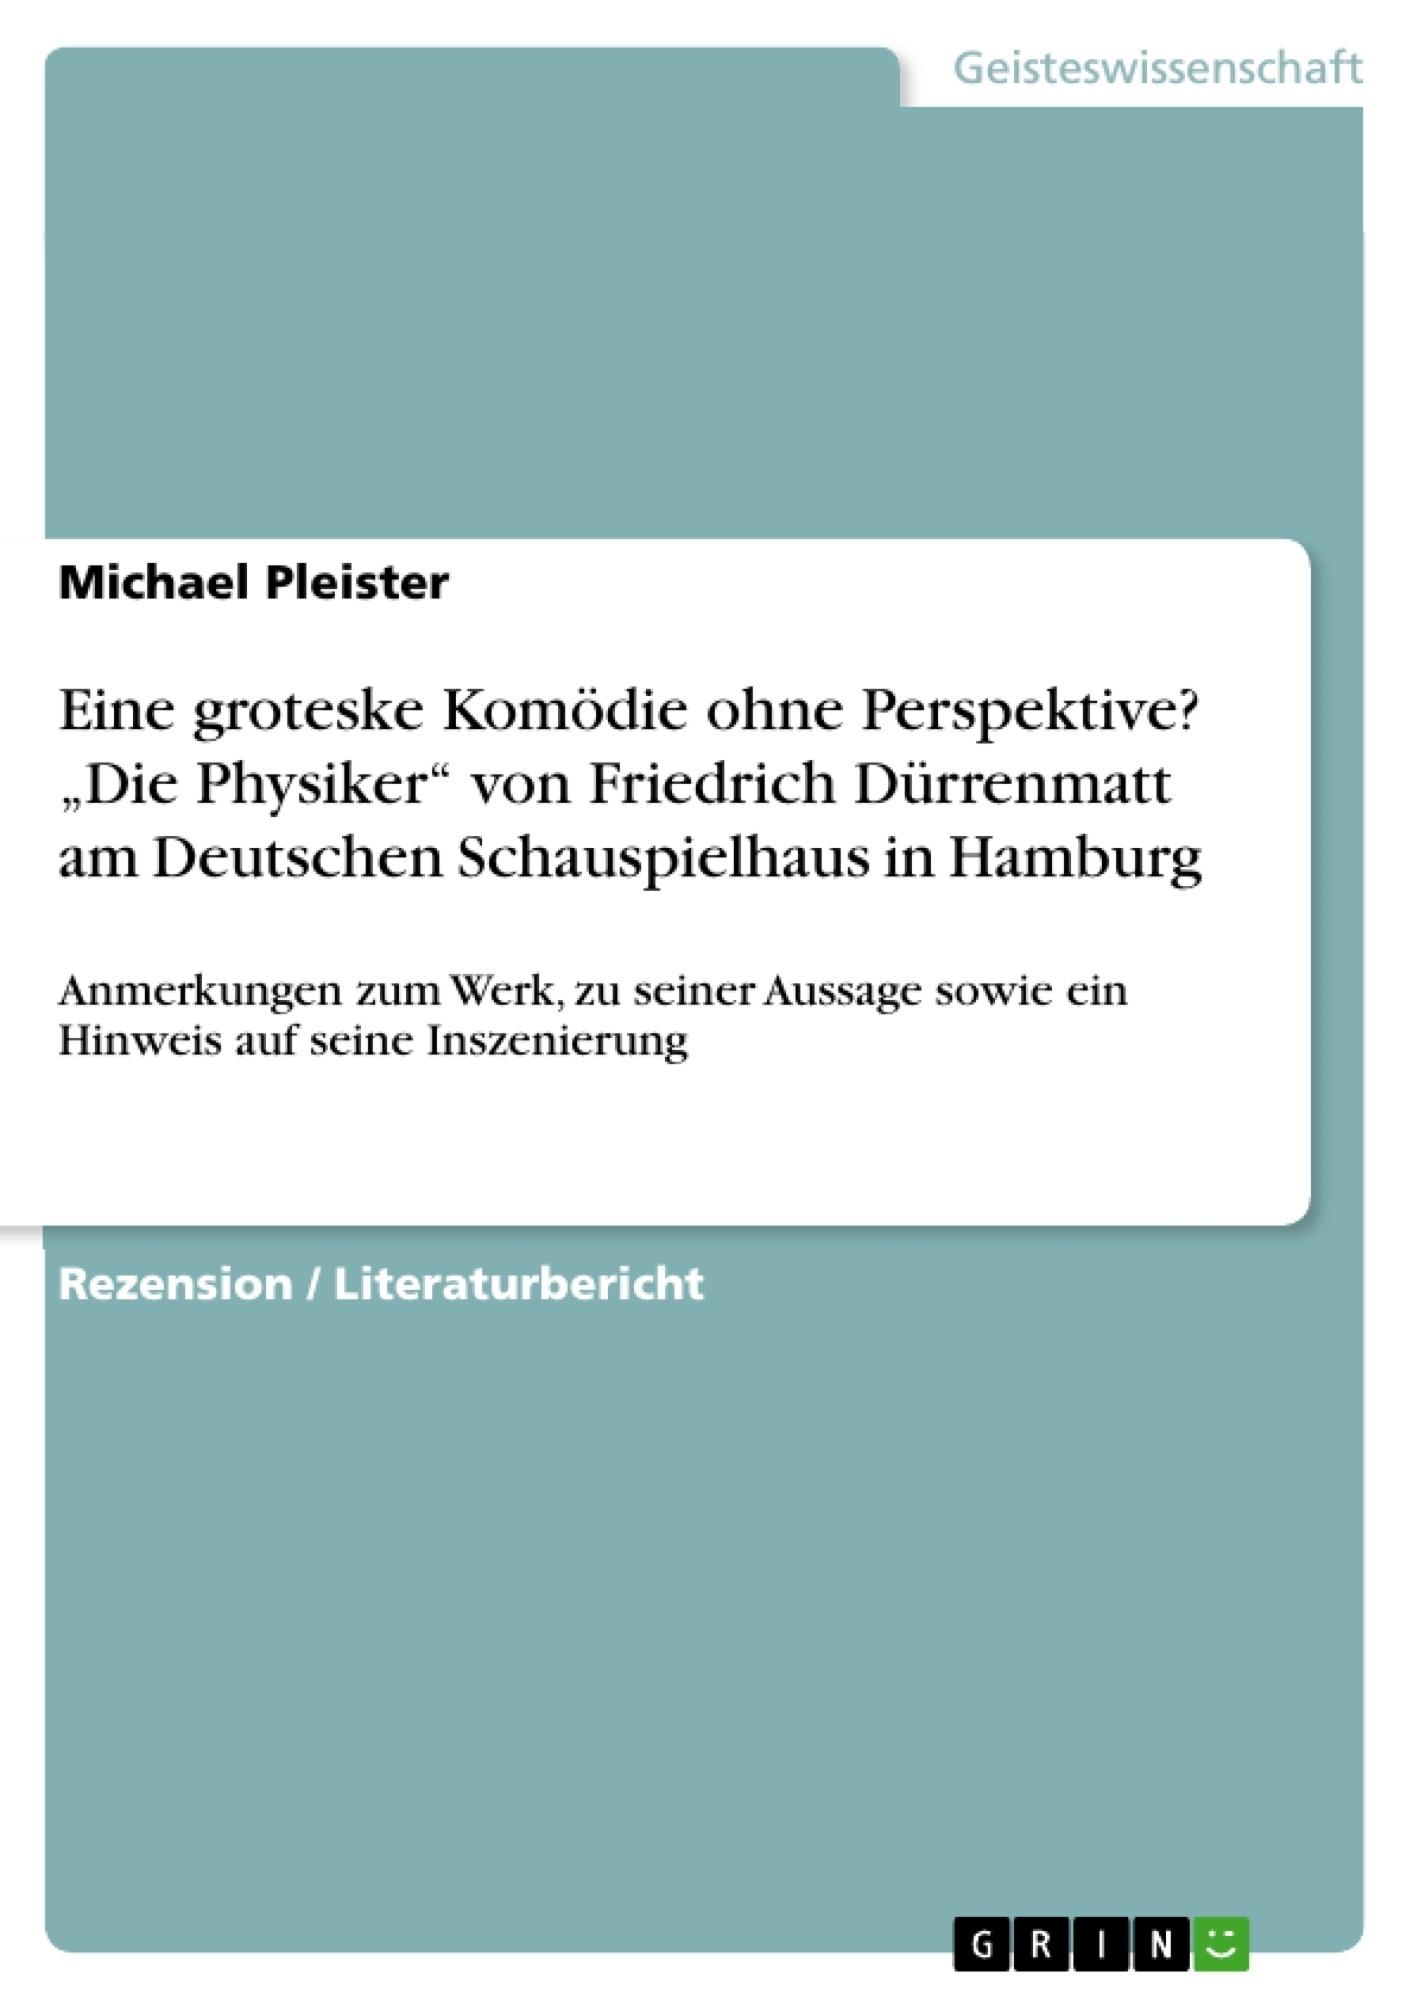 """Titel: Eine groteske Komödie ohne Perspektive? """"Die Physiker"""" von Friedrich Dürrenmatt am Deutschen Schauspielhaus in Hamburg"""